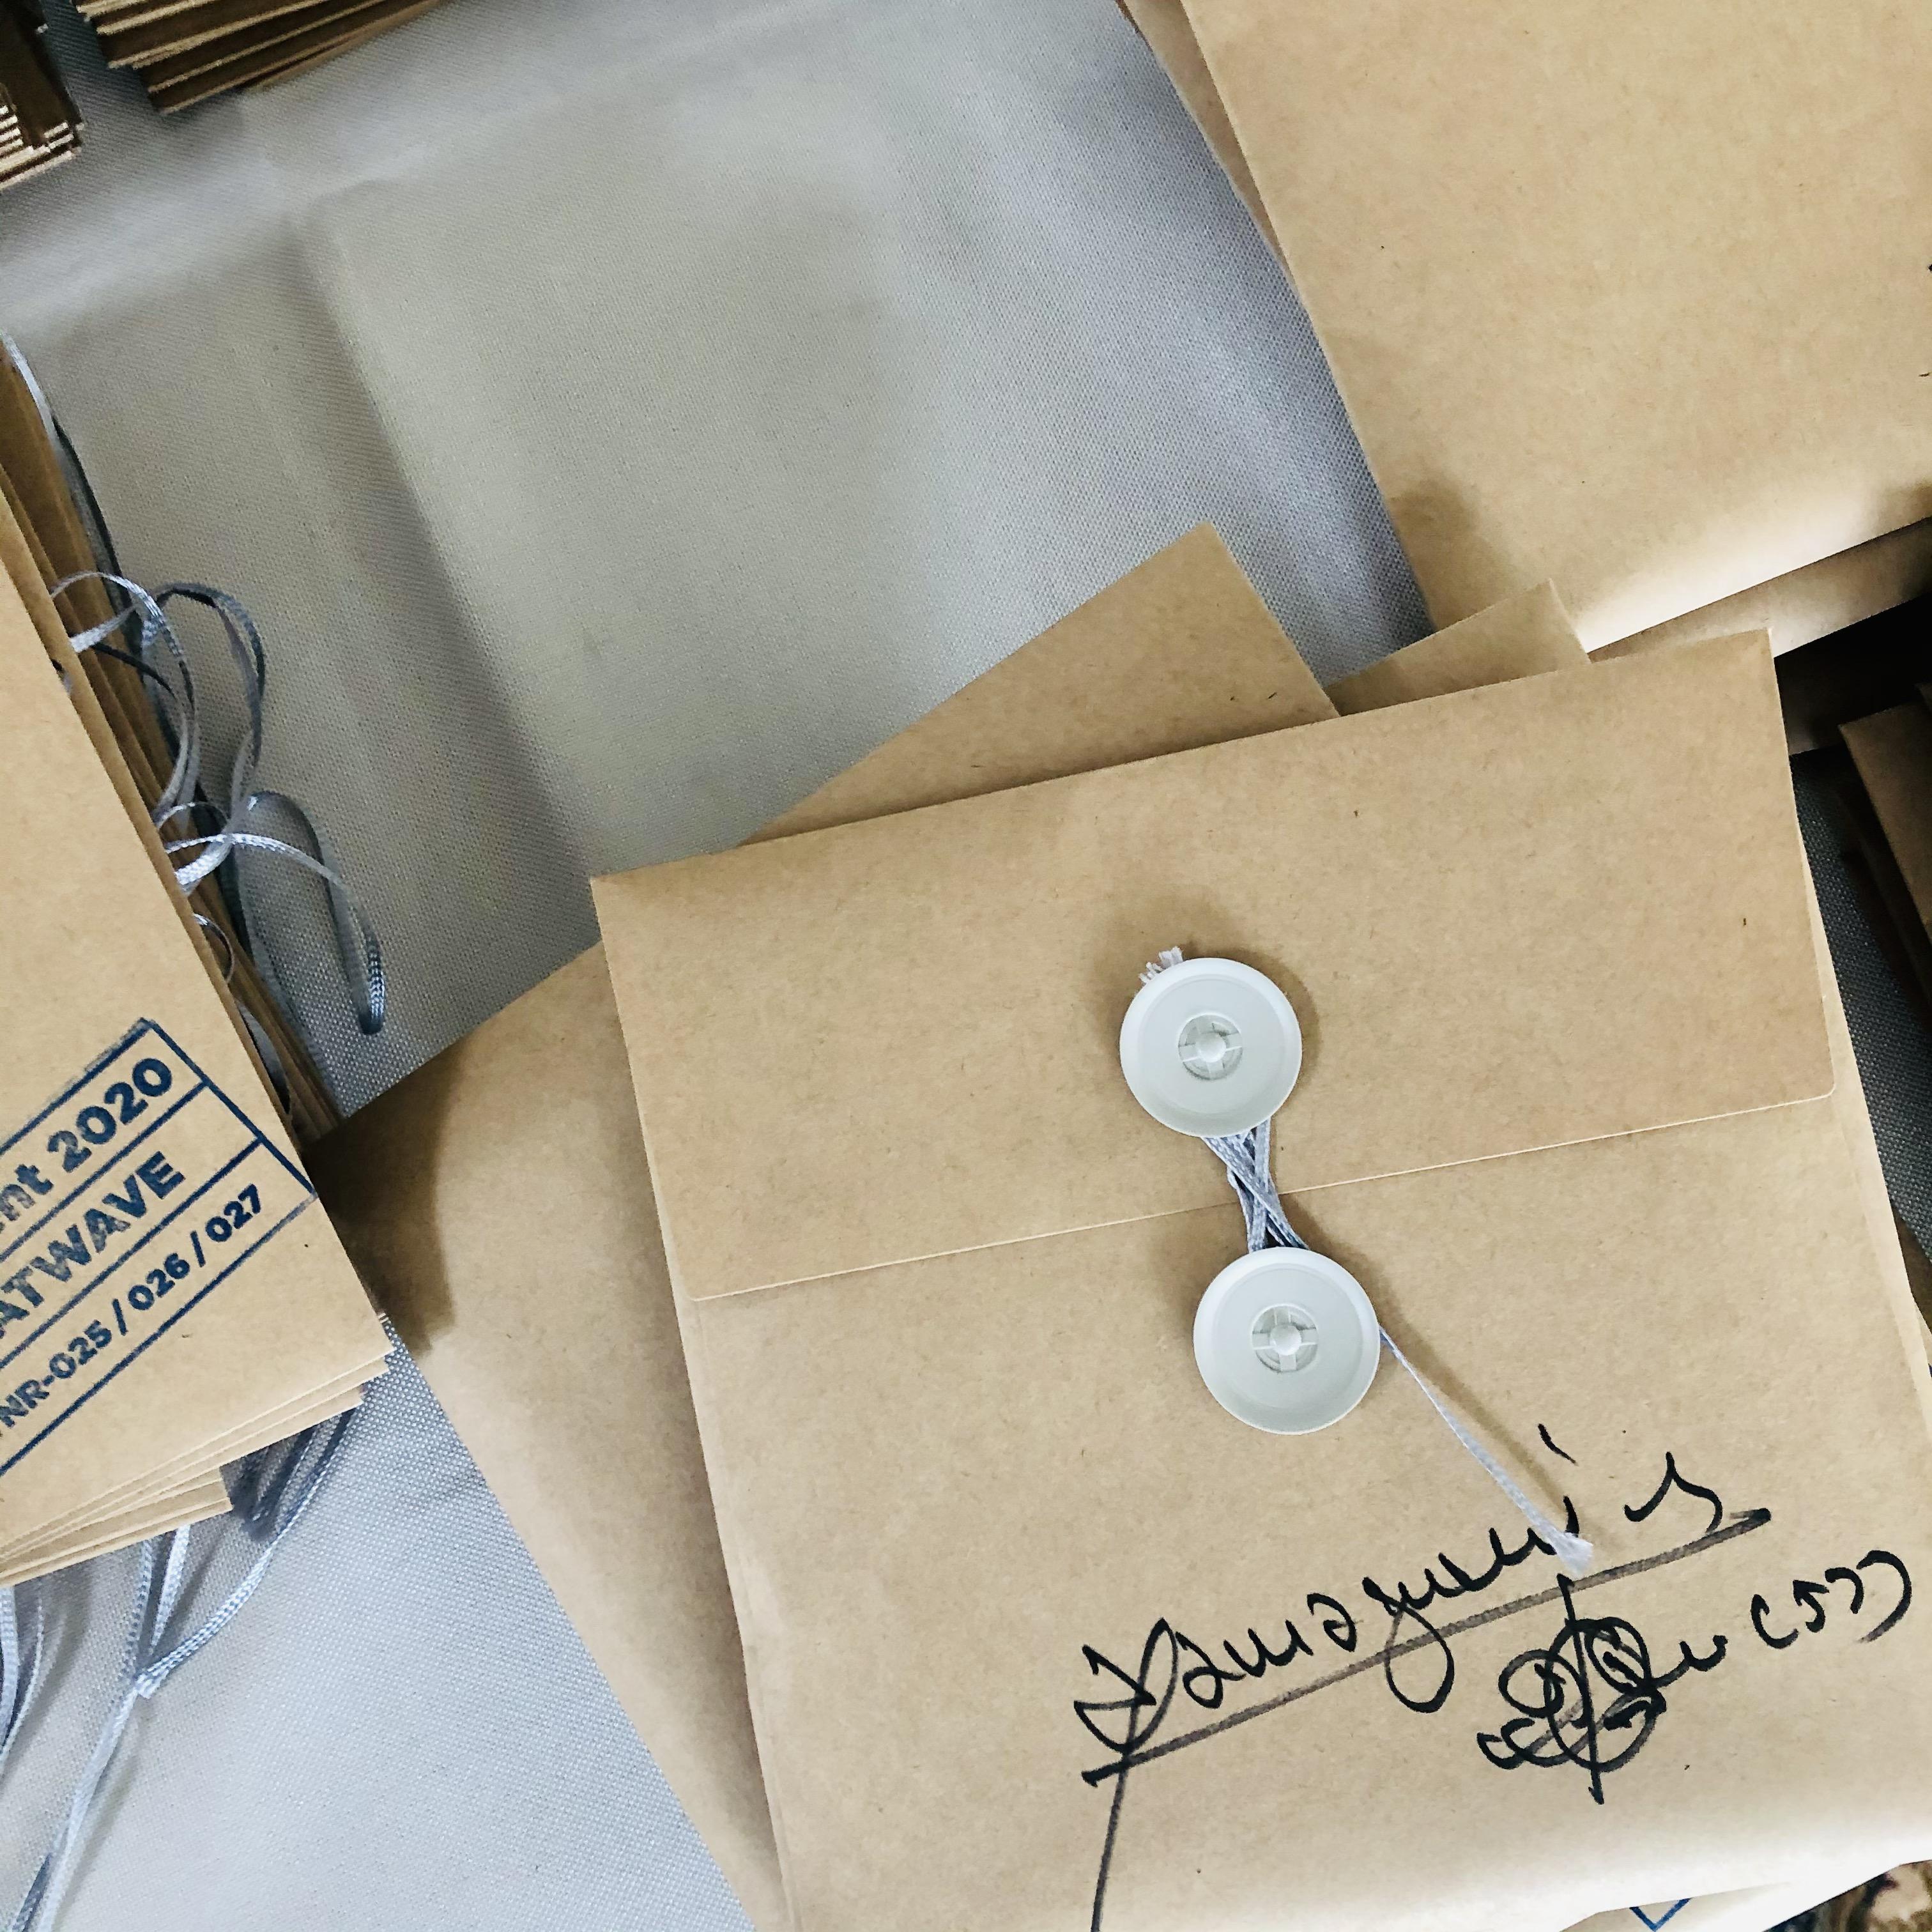 すべての製品にサインが入ってます。わたくすからの郵便が届くって体です。